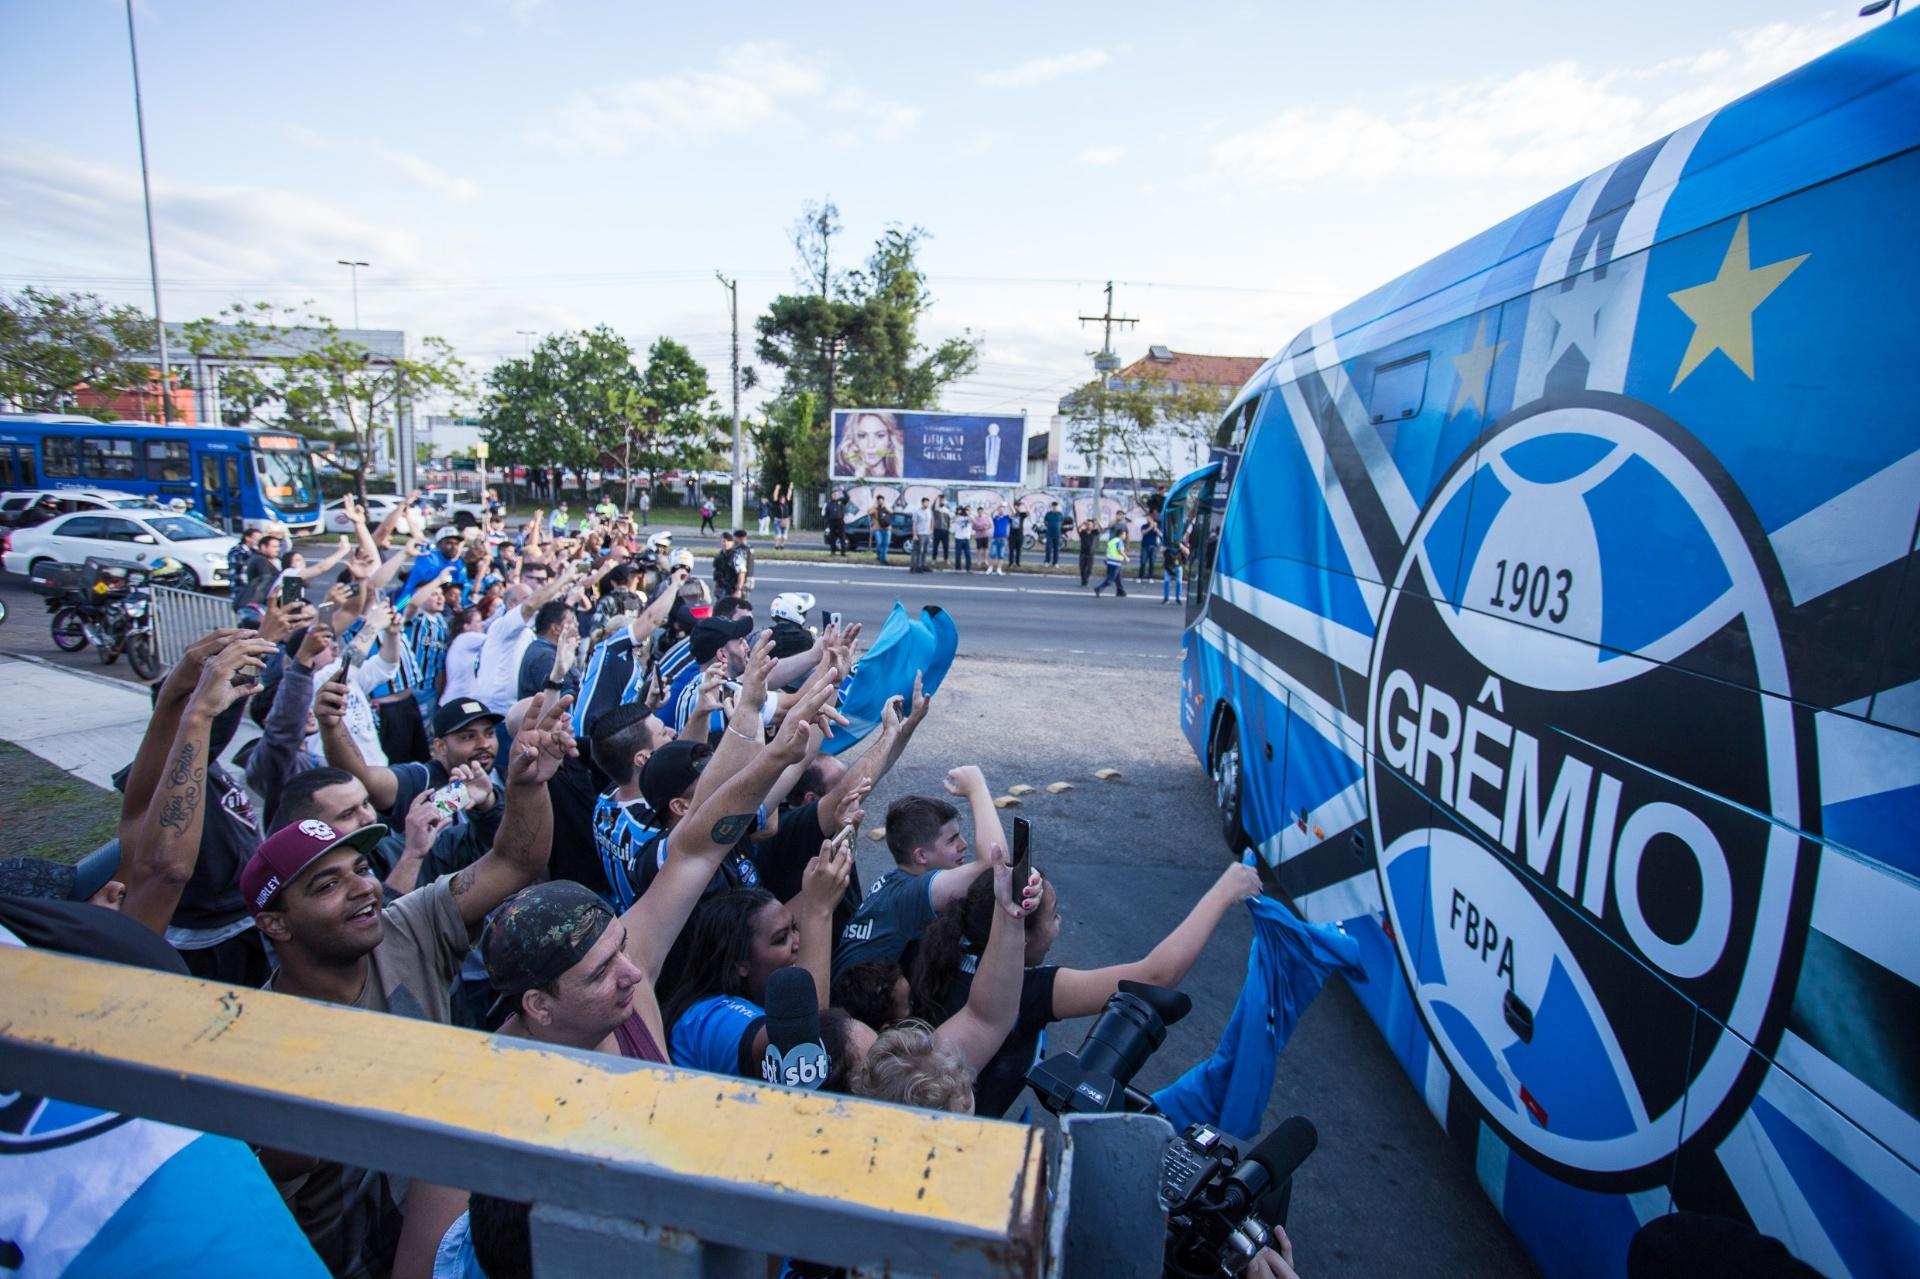 8dd9b4bc5b Grêmio é recebido com festa em Porto Alegre após vitória contra o River -  24 10 2018 - UOL Esporte